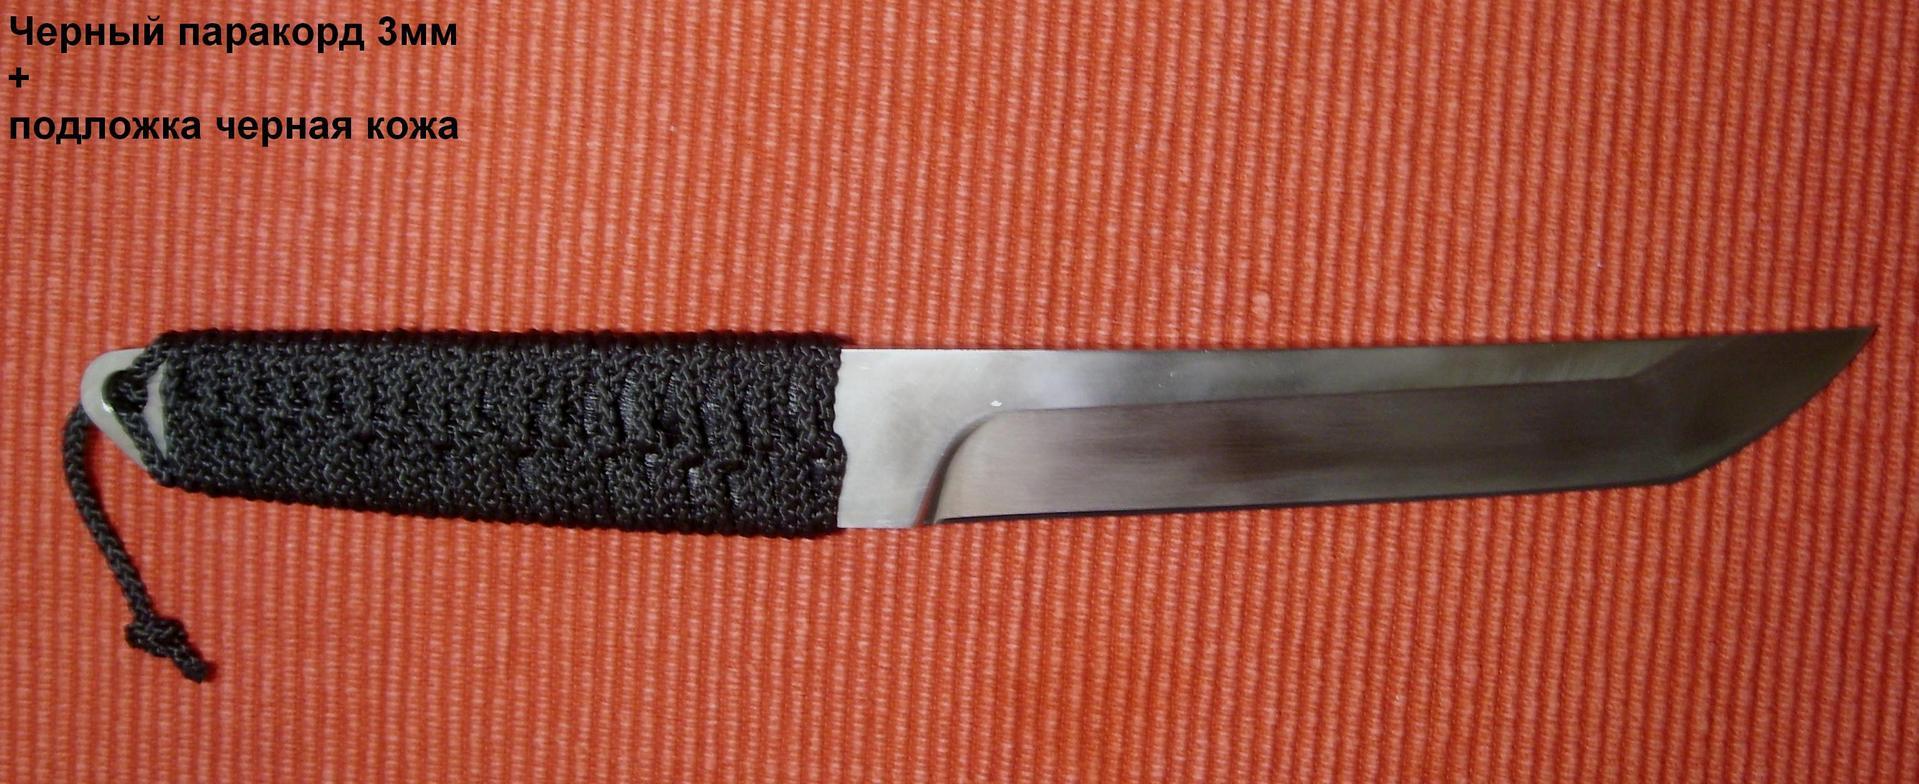 Нож из кабеля и веревки в примитивном стиле - Pikabu 37